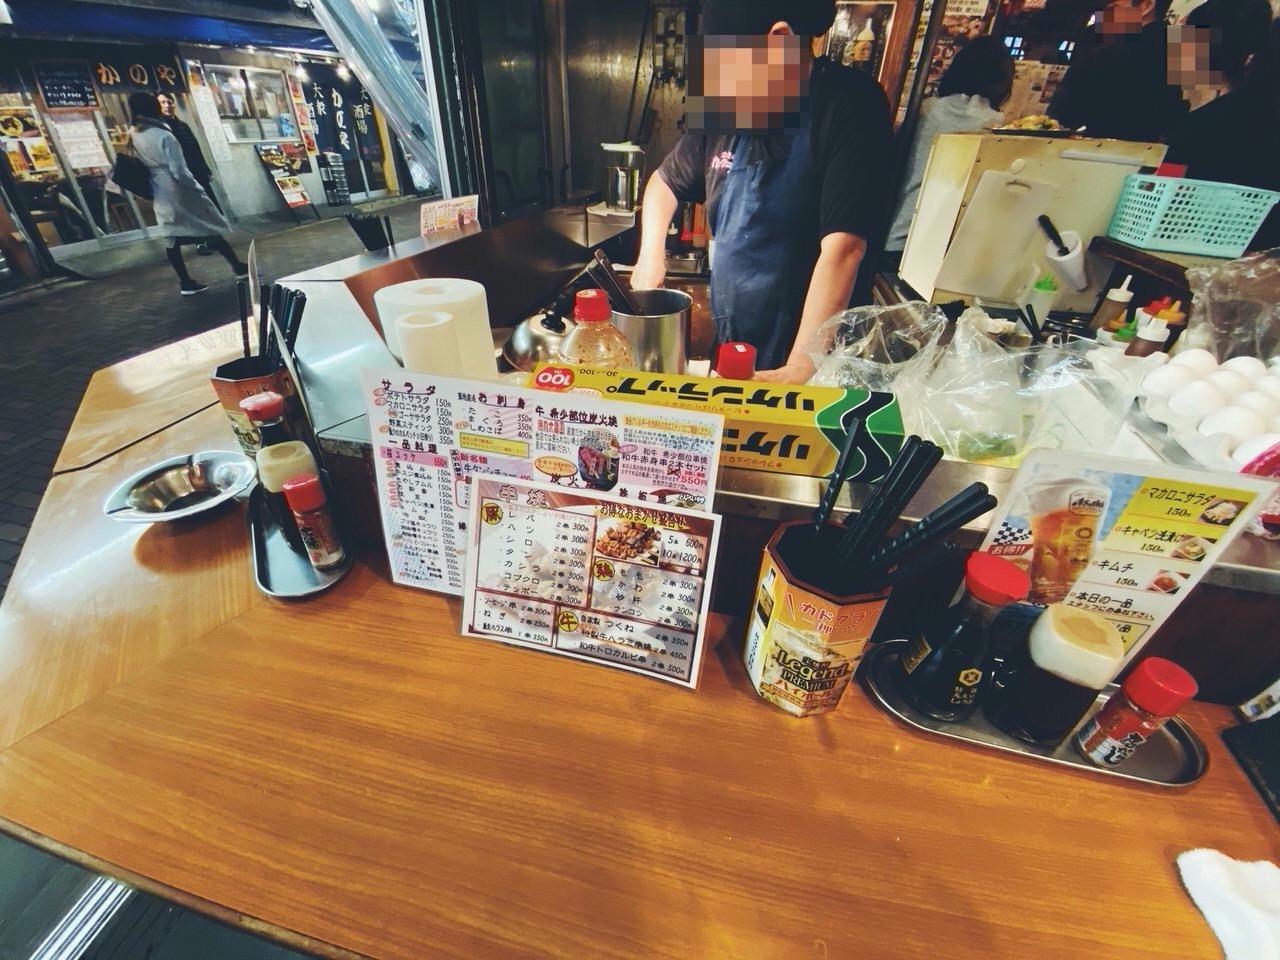 上野で立ち飲み「カドクラ」4